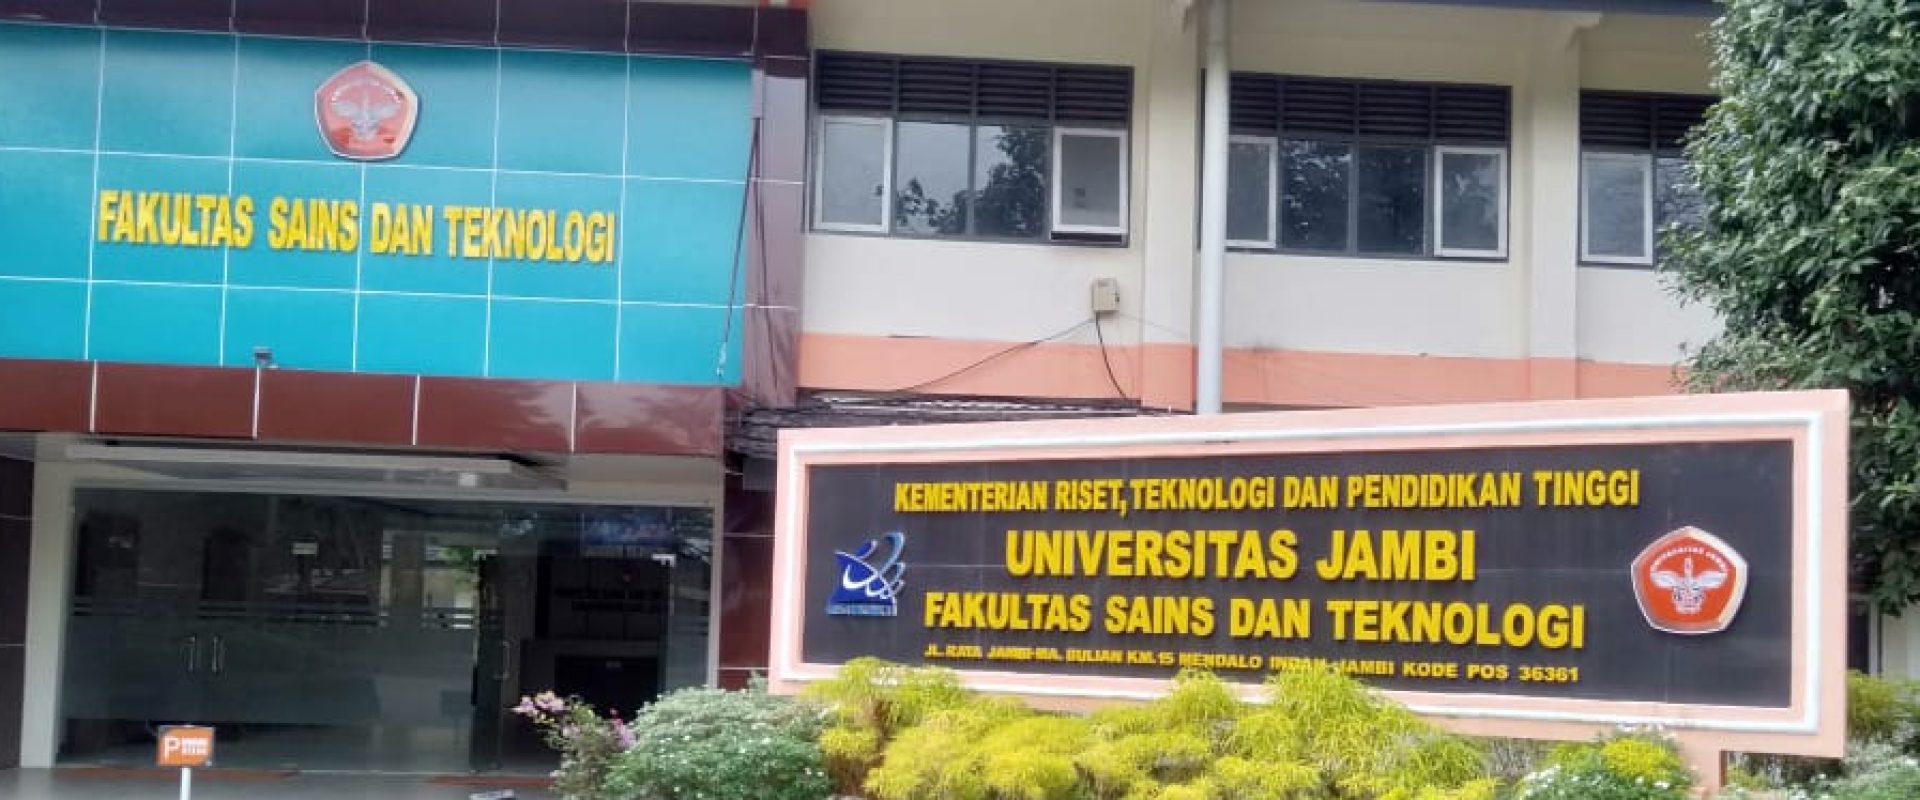 Fakultas Sains dan Teknologi